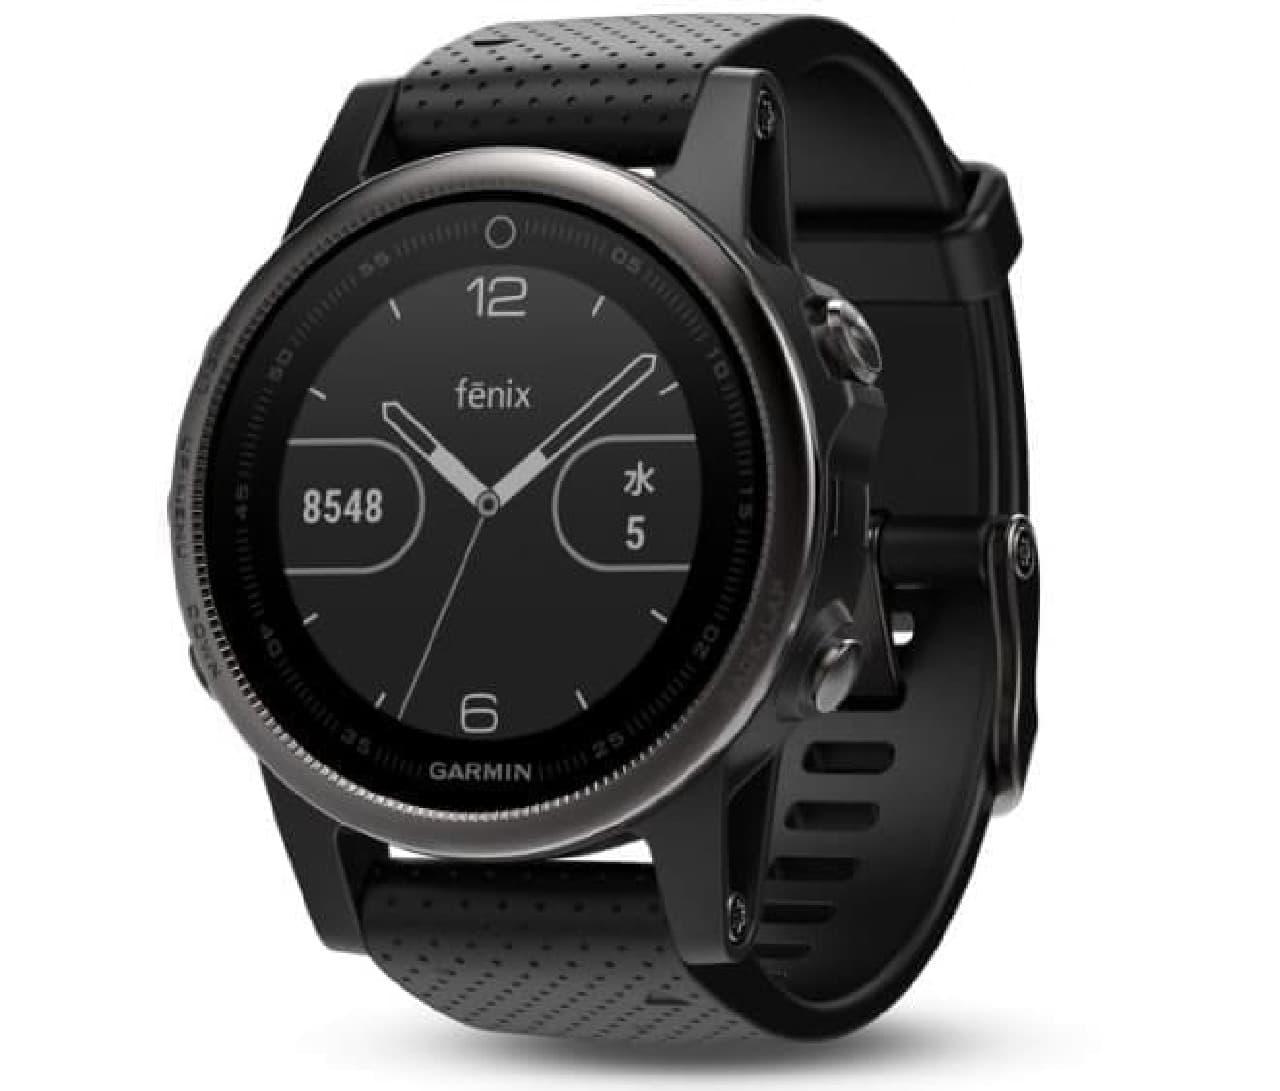 GPSマルチスポーツウォッチ「fenix5」に新モデル